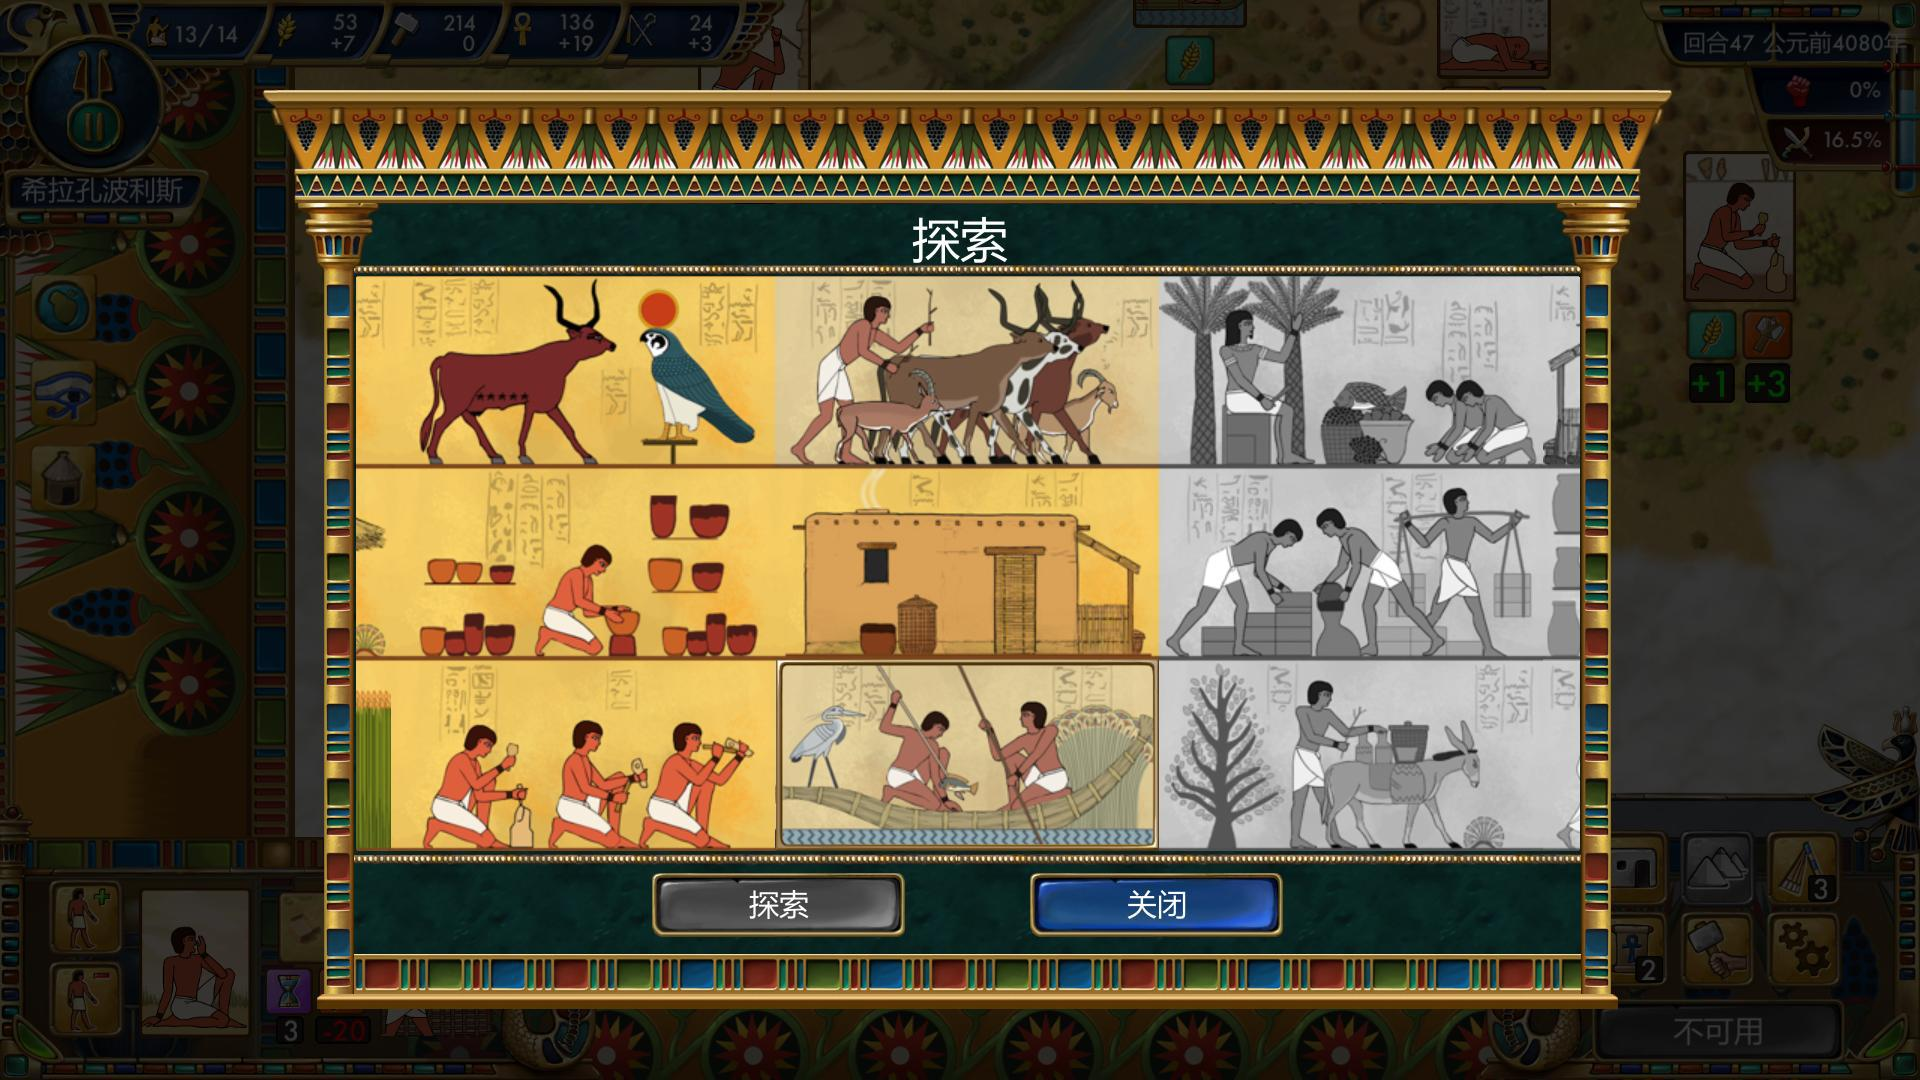 Predynastic Egypt 游戏截图2